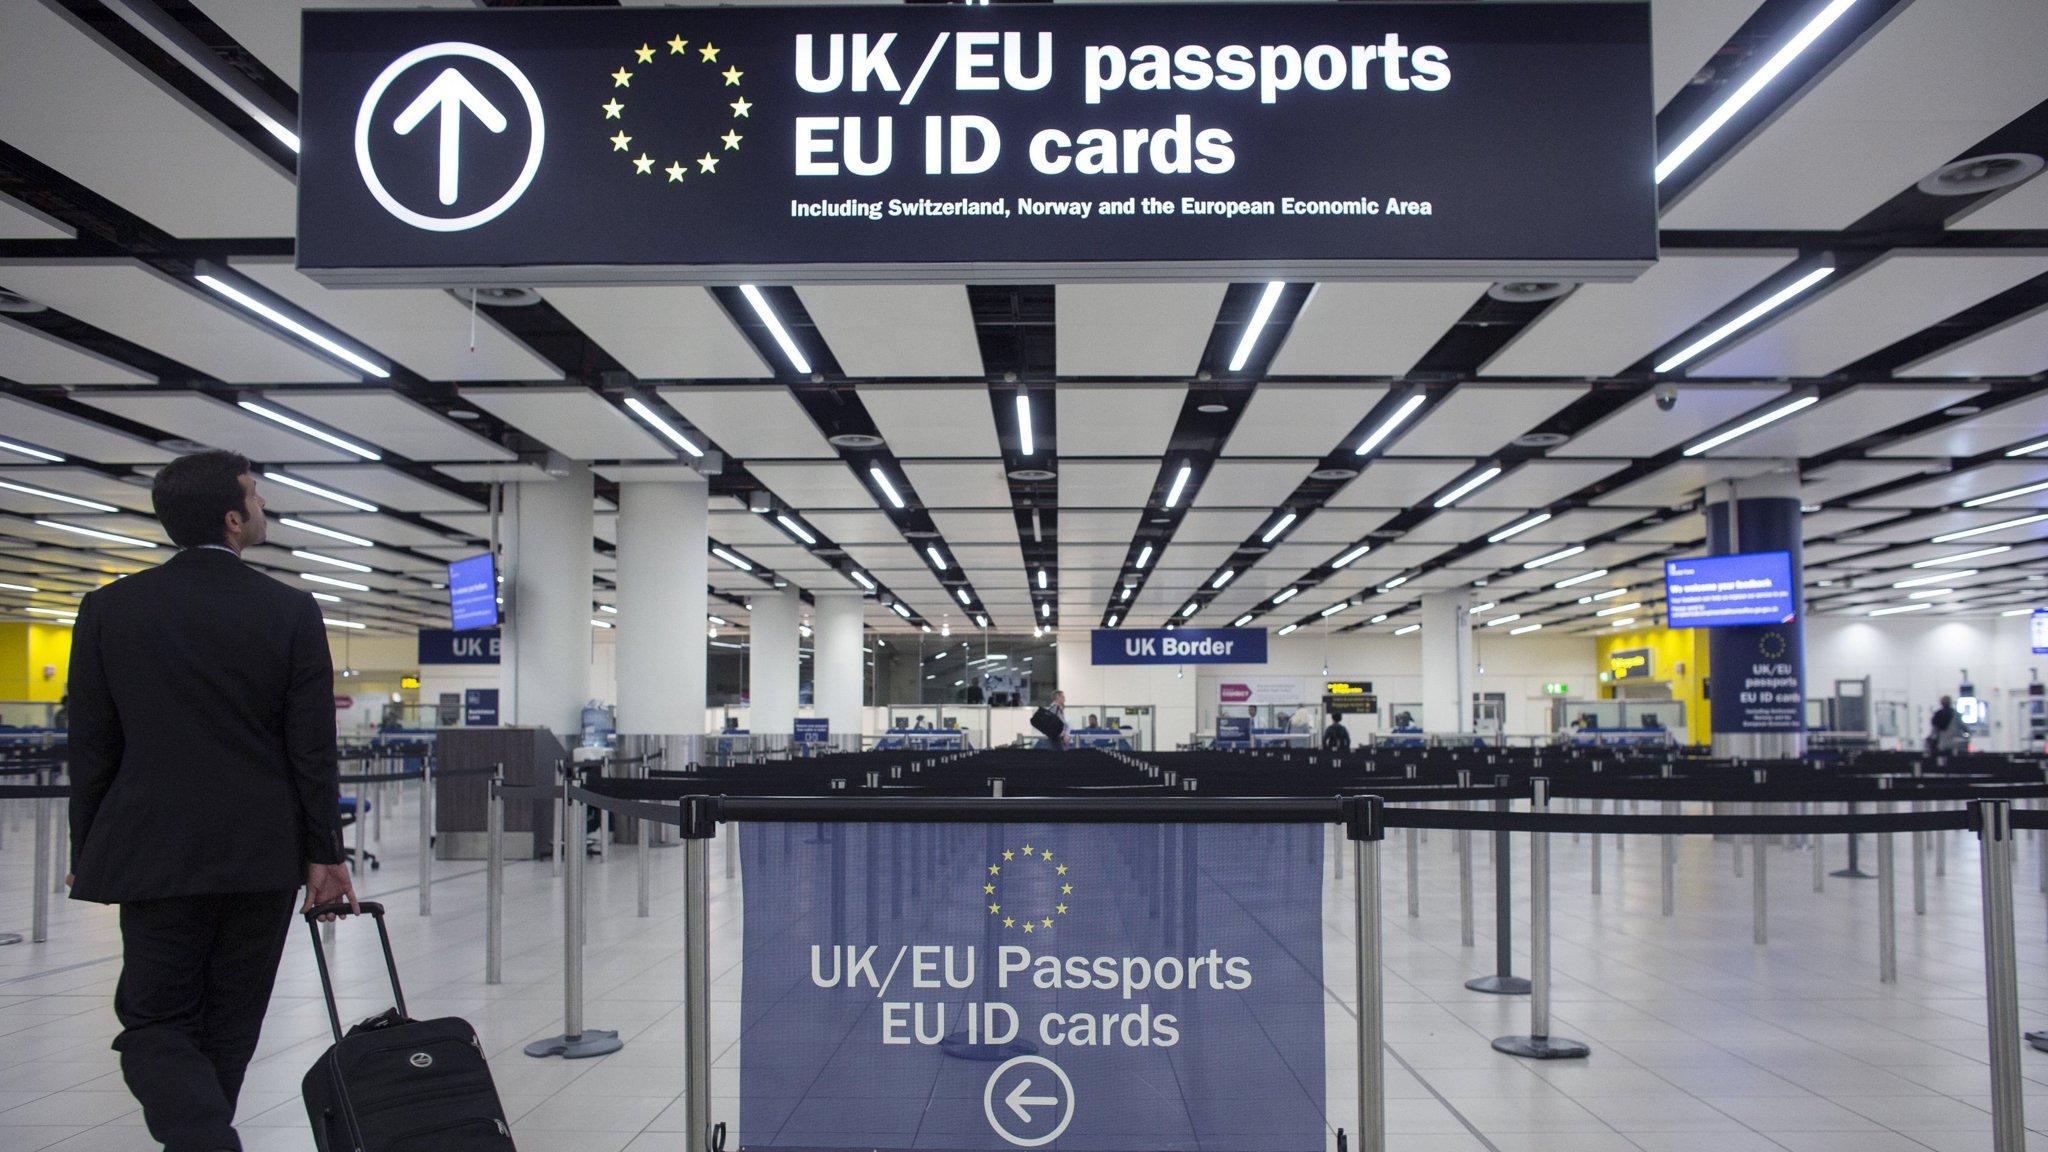 Hardline visa decisions are damaging Britain's reputation